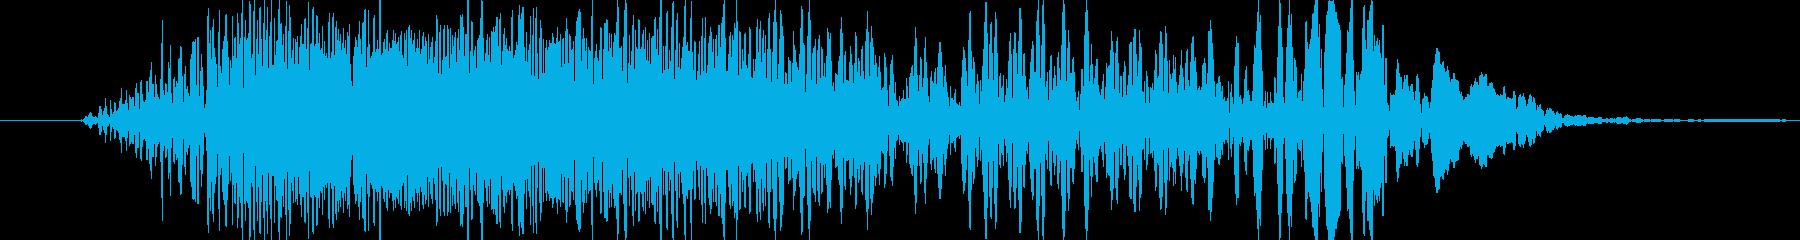 モンスター ガオー 03の再生済みの波形